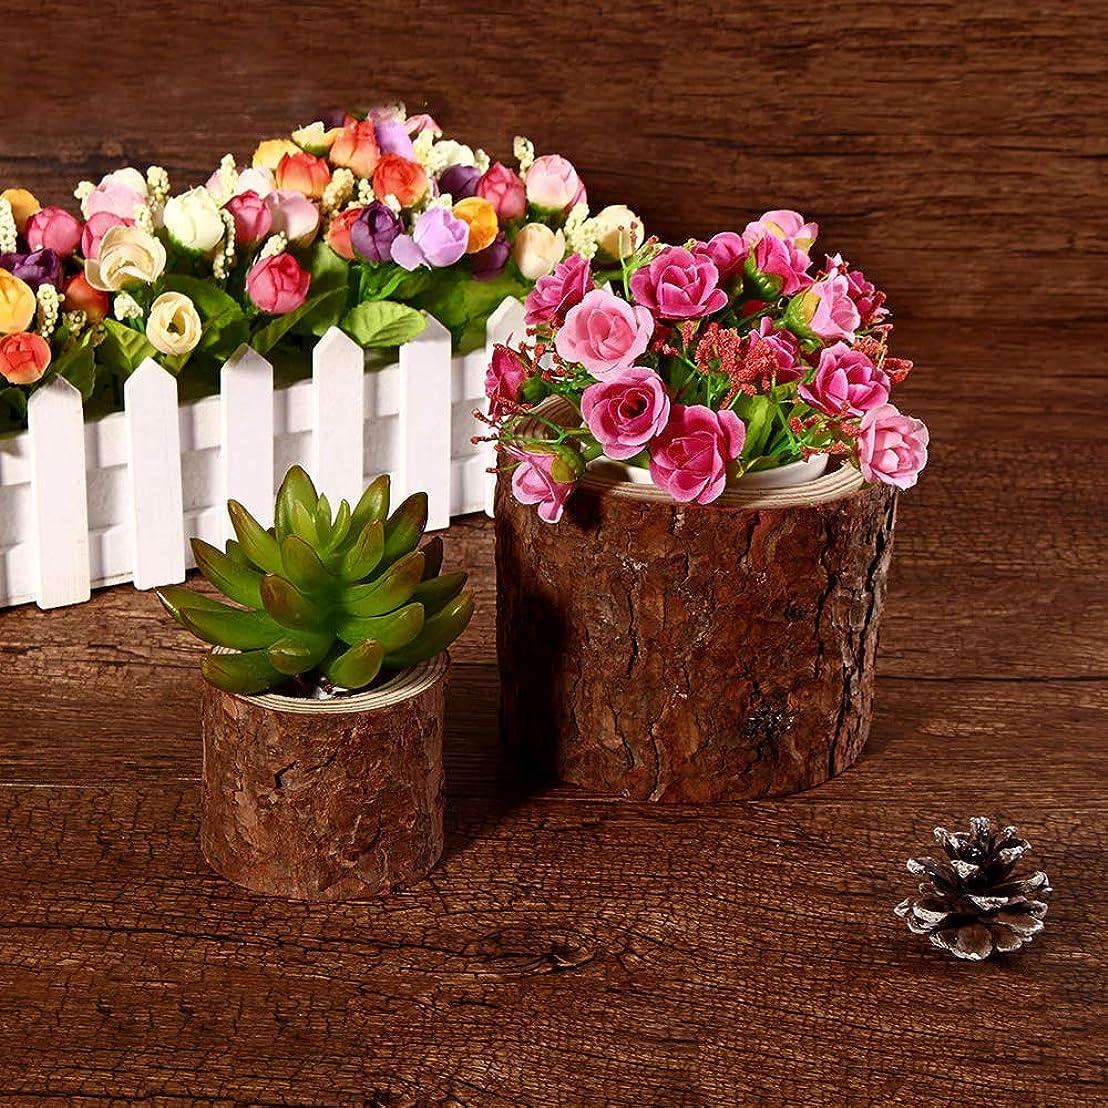 アンデス山脈一見試用花鉢 ガーデン屋外ミニ木Spilingジューシーなプランタースタイリッシュな植物の植木鉢フラワーポットトレイ 観葉植物 (Color : Brown, Size : One size)